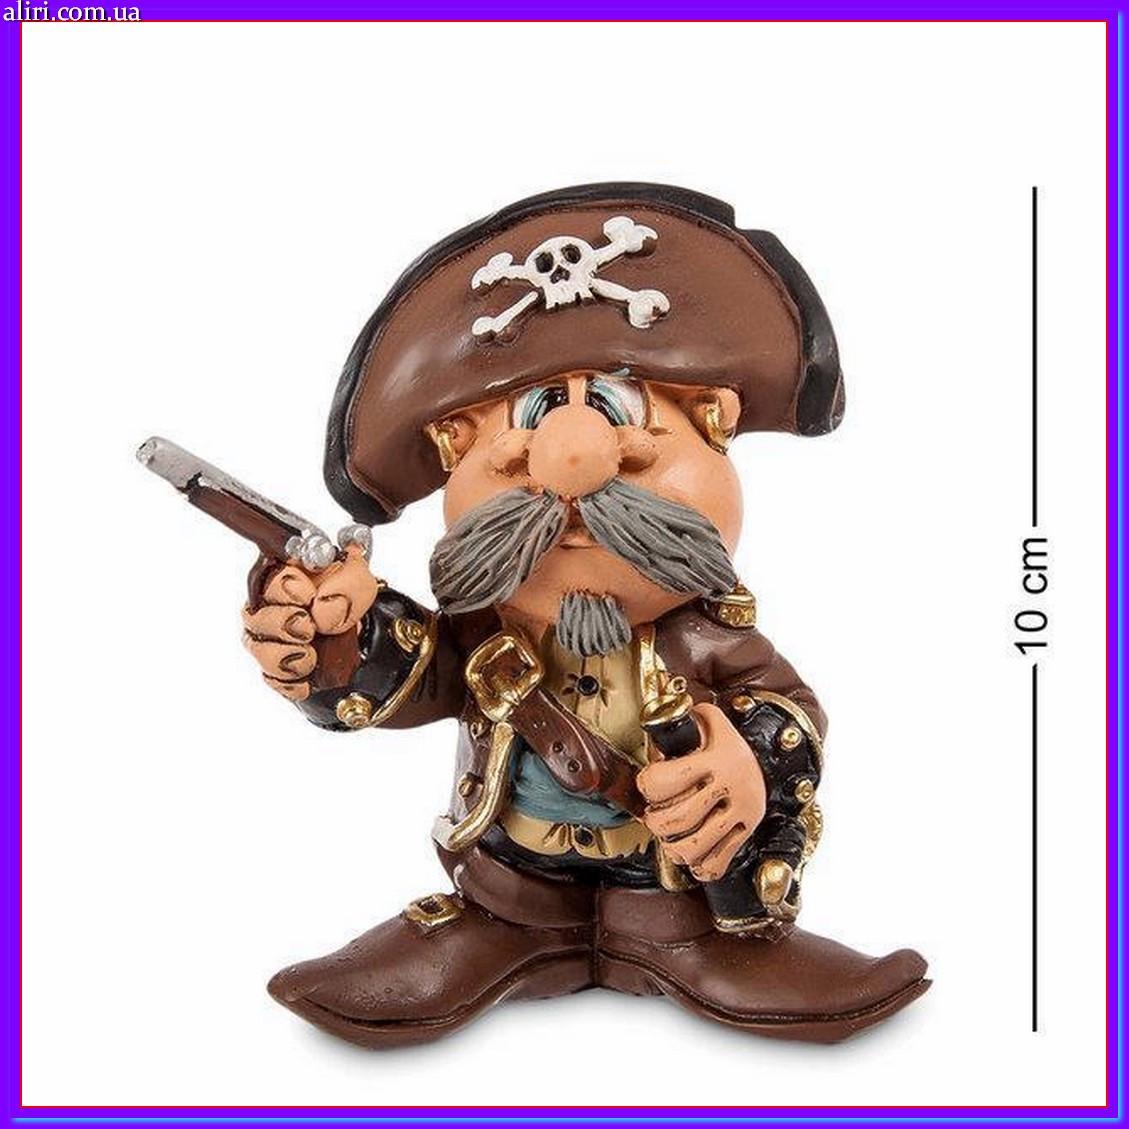 Фигурка статуэтка Пират Дрейк W.Stratford 10см